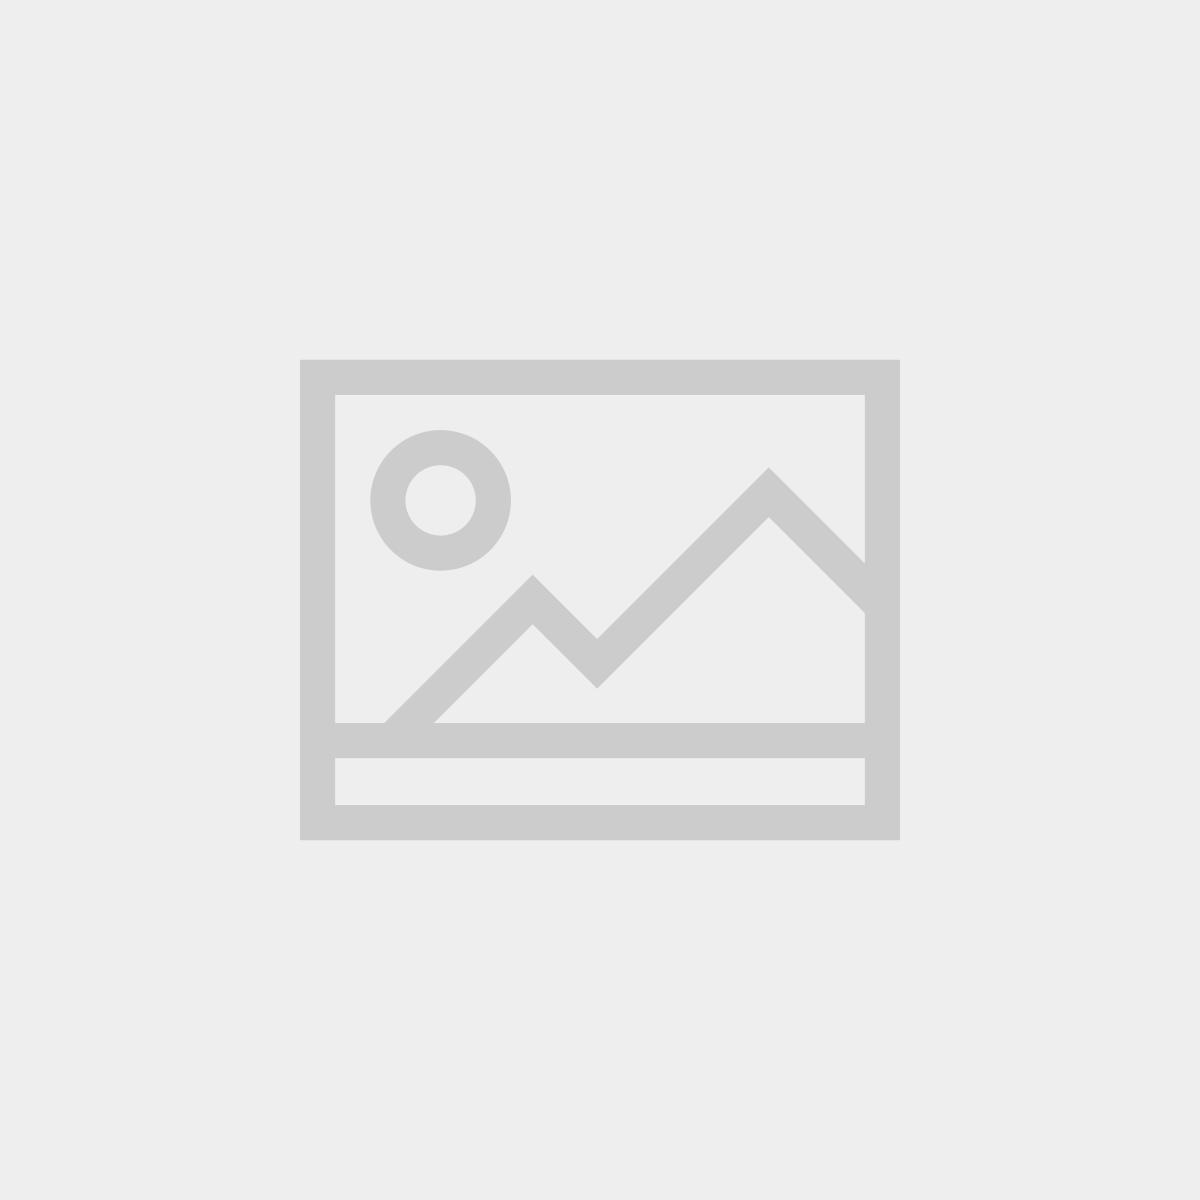 ЖАПАРОВ УТВЕРДИЛ КОНЦЕПЦИЮ РАЗВИТИЯ ГРАЖДАНСКОЙ ИДЕНТИЧНОСТИ «КЫРГЫЗ ЖАРАНЫ»